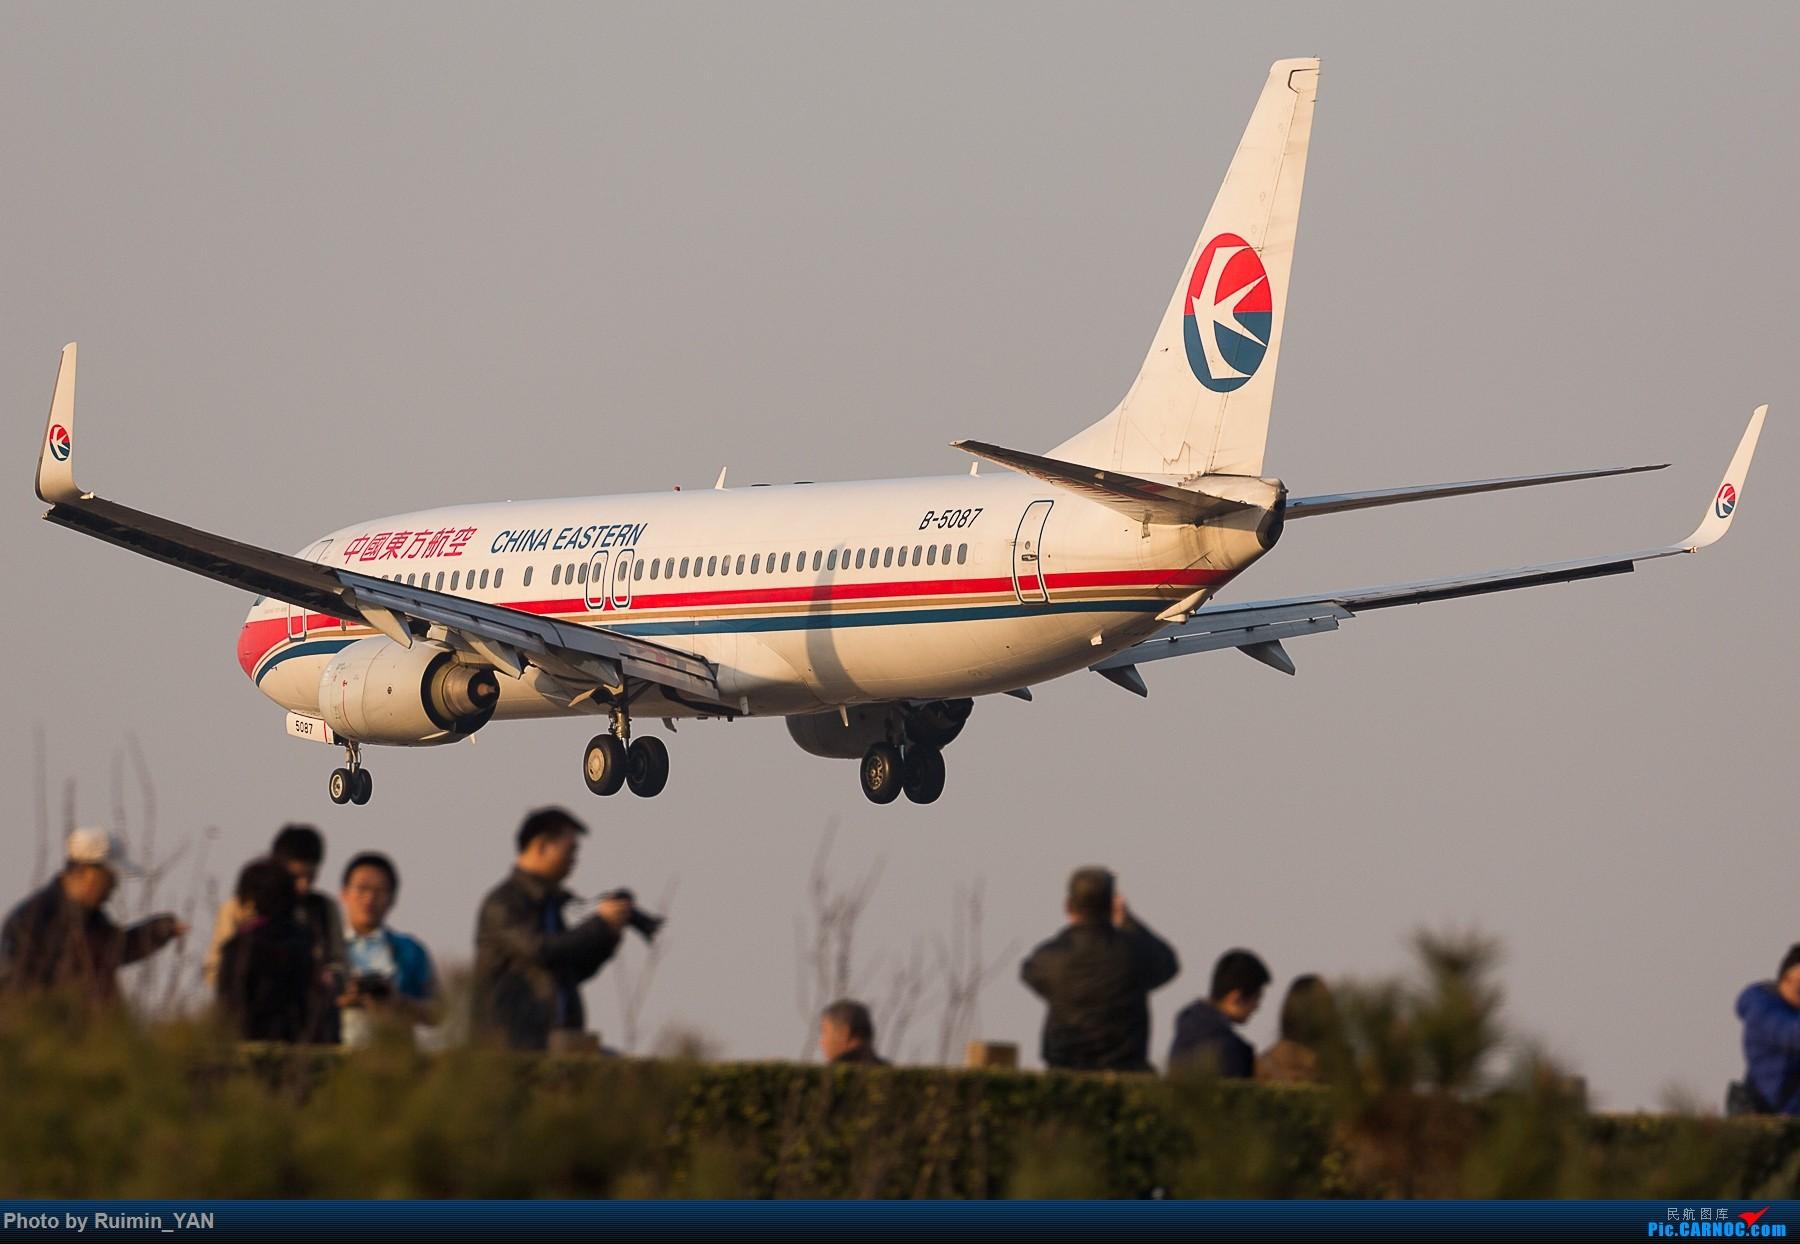 Re:[原创]【PEK飞友会】八卦台上的拍飞机的人们被强势剃头 BOEING 737-800 B-5087 中国北京首都国际机场